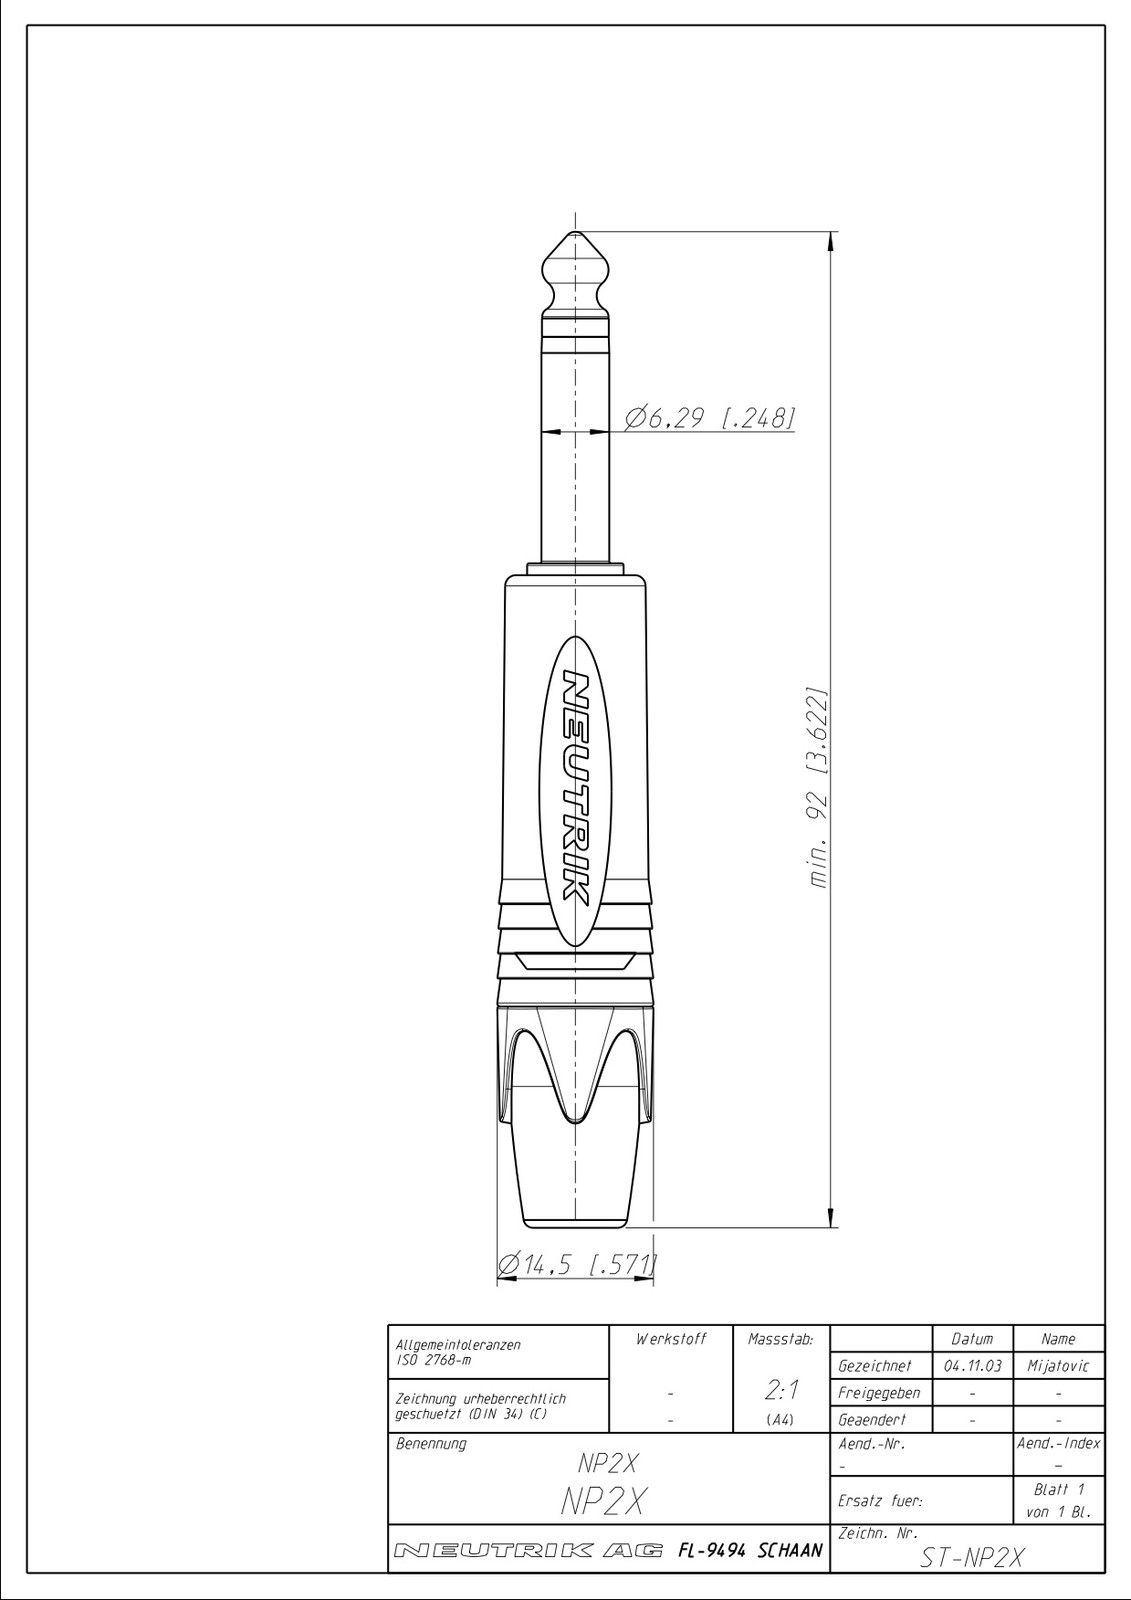 Pro Y Splitter Insert Lead 1 4 6 35mm St Jack To Dual Mono